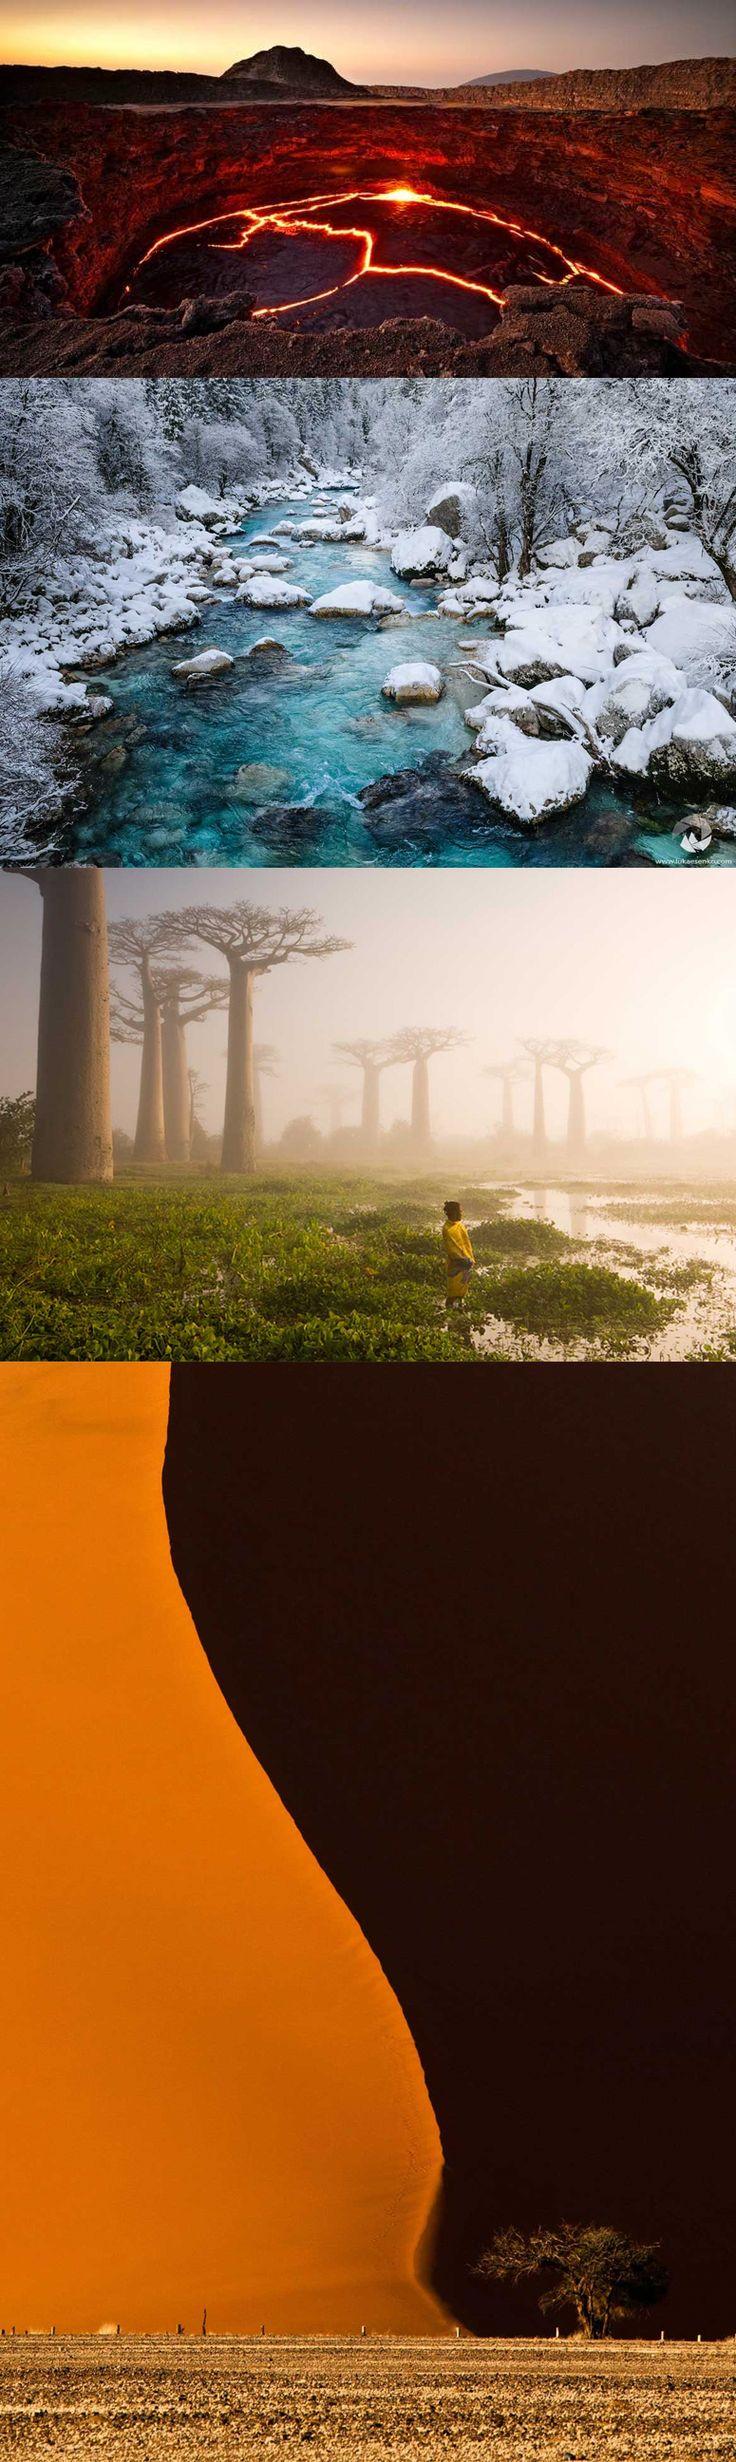 20 amazing photos of natural landscapes around the world. See all: http://sala7design.com.br/2014/12/20-fotos-incriveis-de-paisagens-naturais-ao-redor-mundo.html